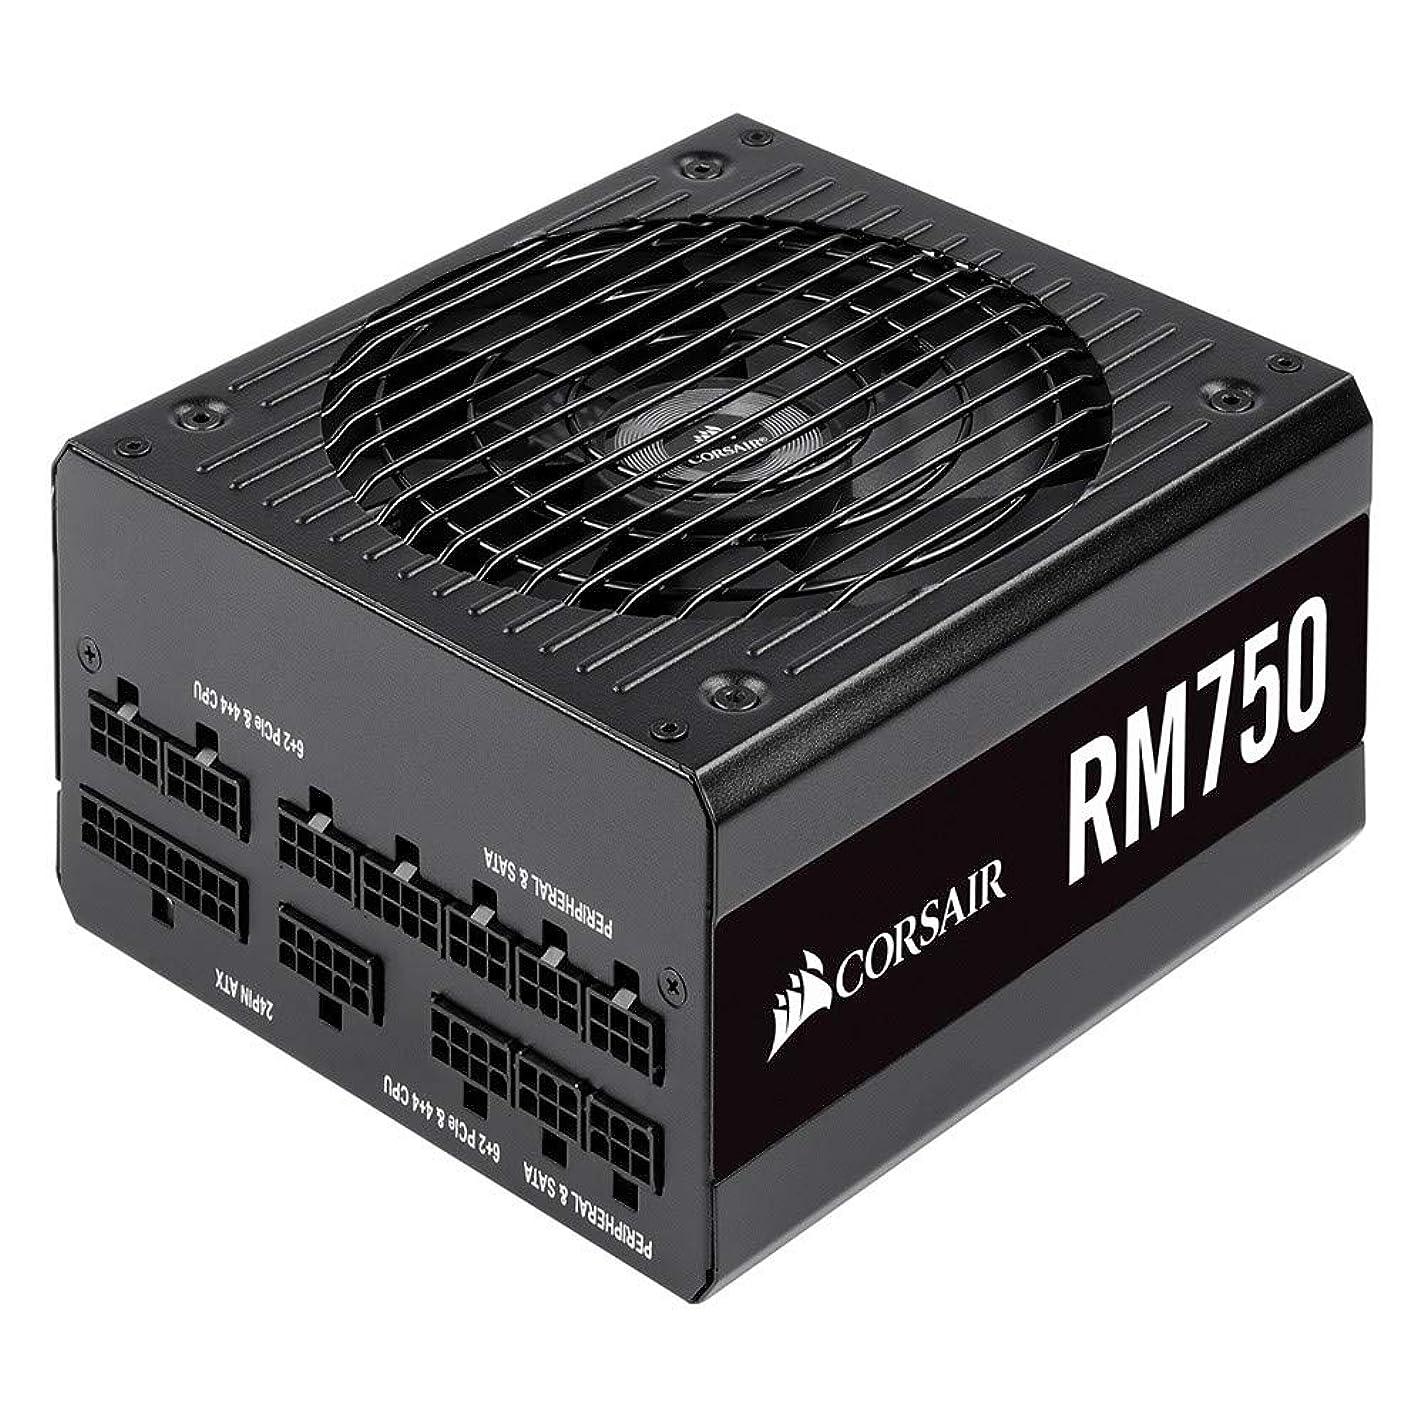 争う予定勢いCorsair RM750-2019- 750W PC電源ユニット 80PLUS GOLD PS862 CP-9020195-JP